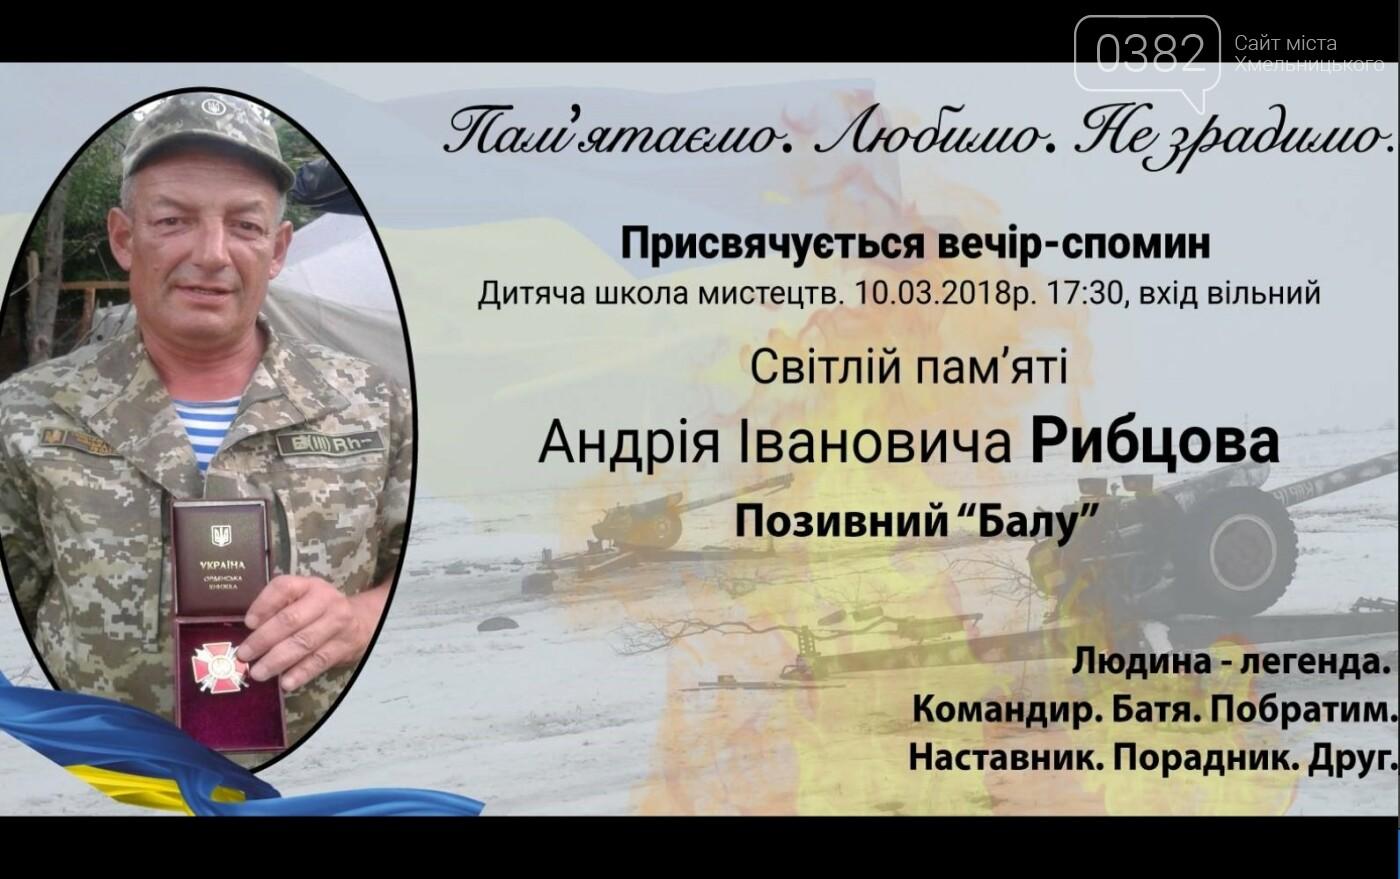 Хмельничан запрошують на вечір-спомин Андрія Рибцова, фото-1